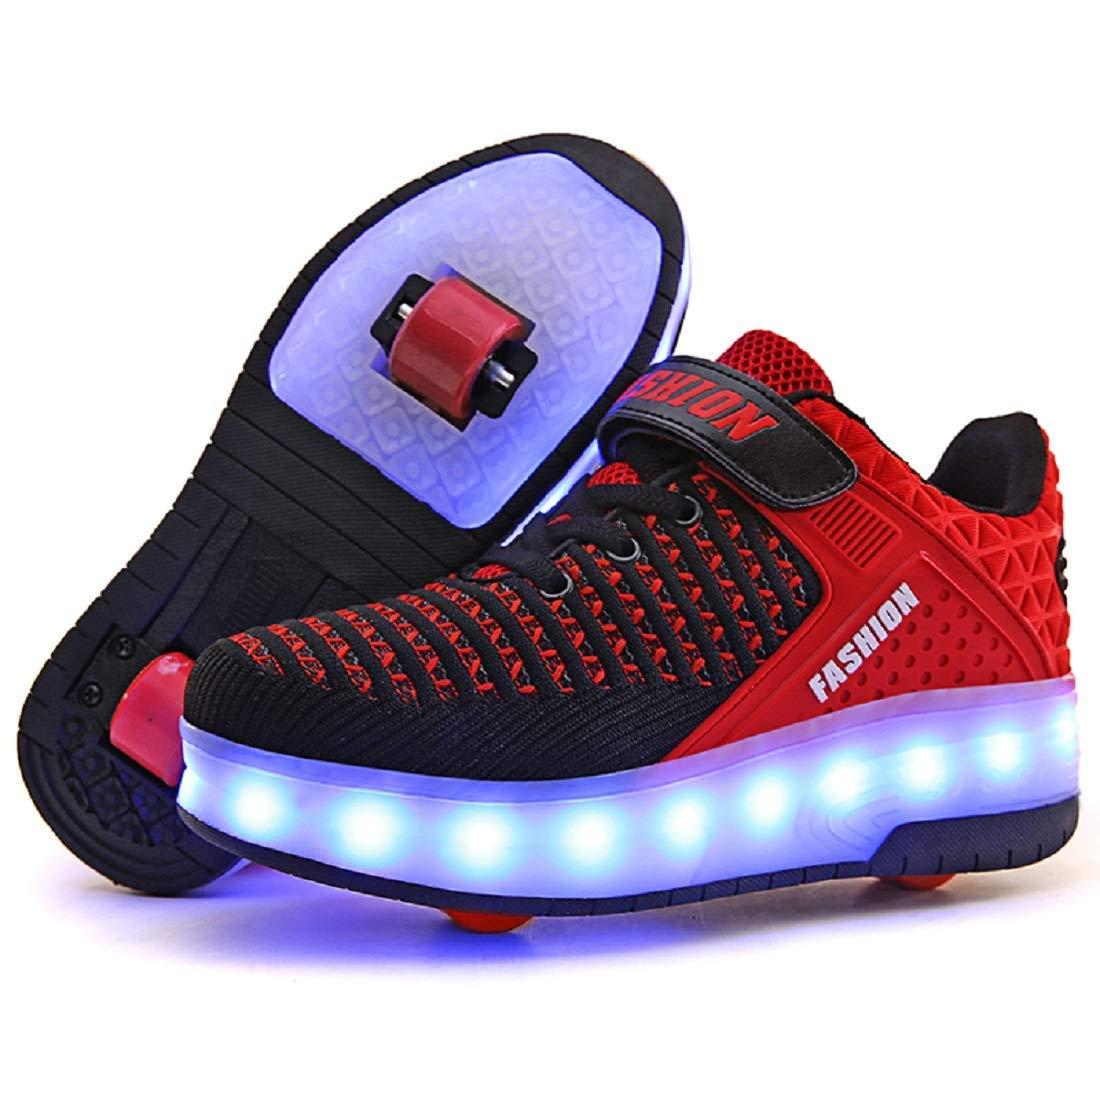 ONEKE Patines de Rodillo, para niños y niñas, Zapatos con luz USB, Carga USB, Zapatillas de patín con Ruedas LED, Zapatillas de Correr, Patines Deportivos, Zapatos de Patinaje para Principiantes: Amazon.es: Deportes